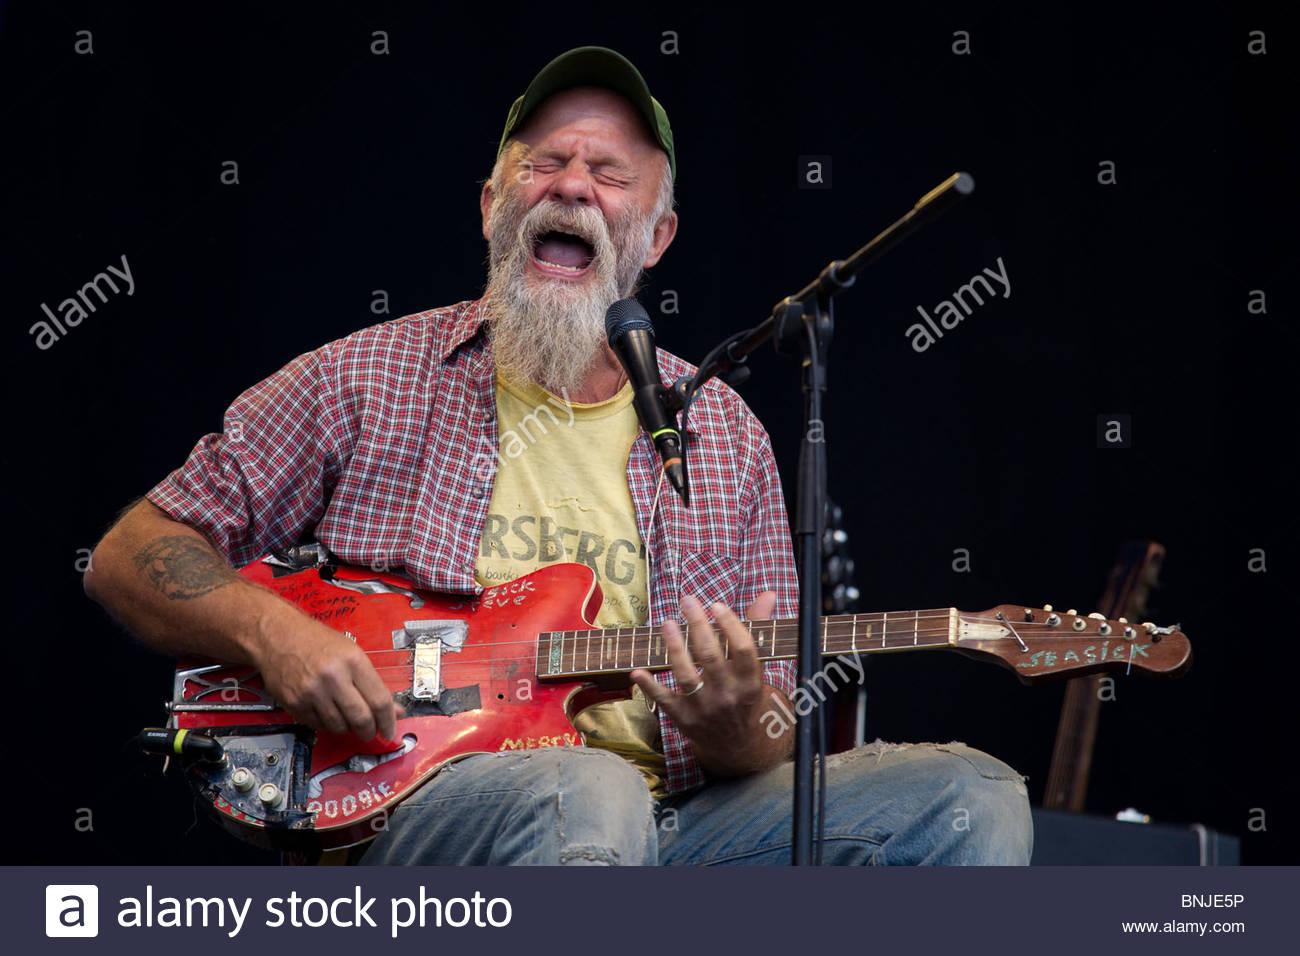 american-blues-musician-steven-gene-wold